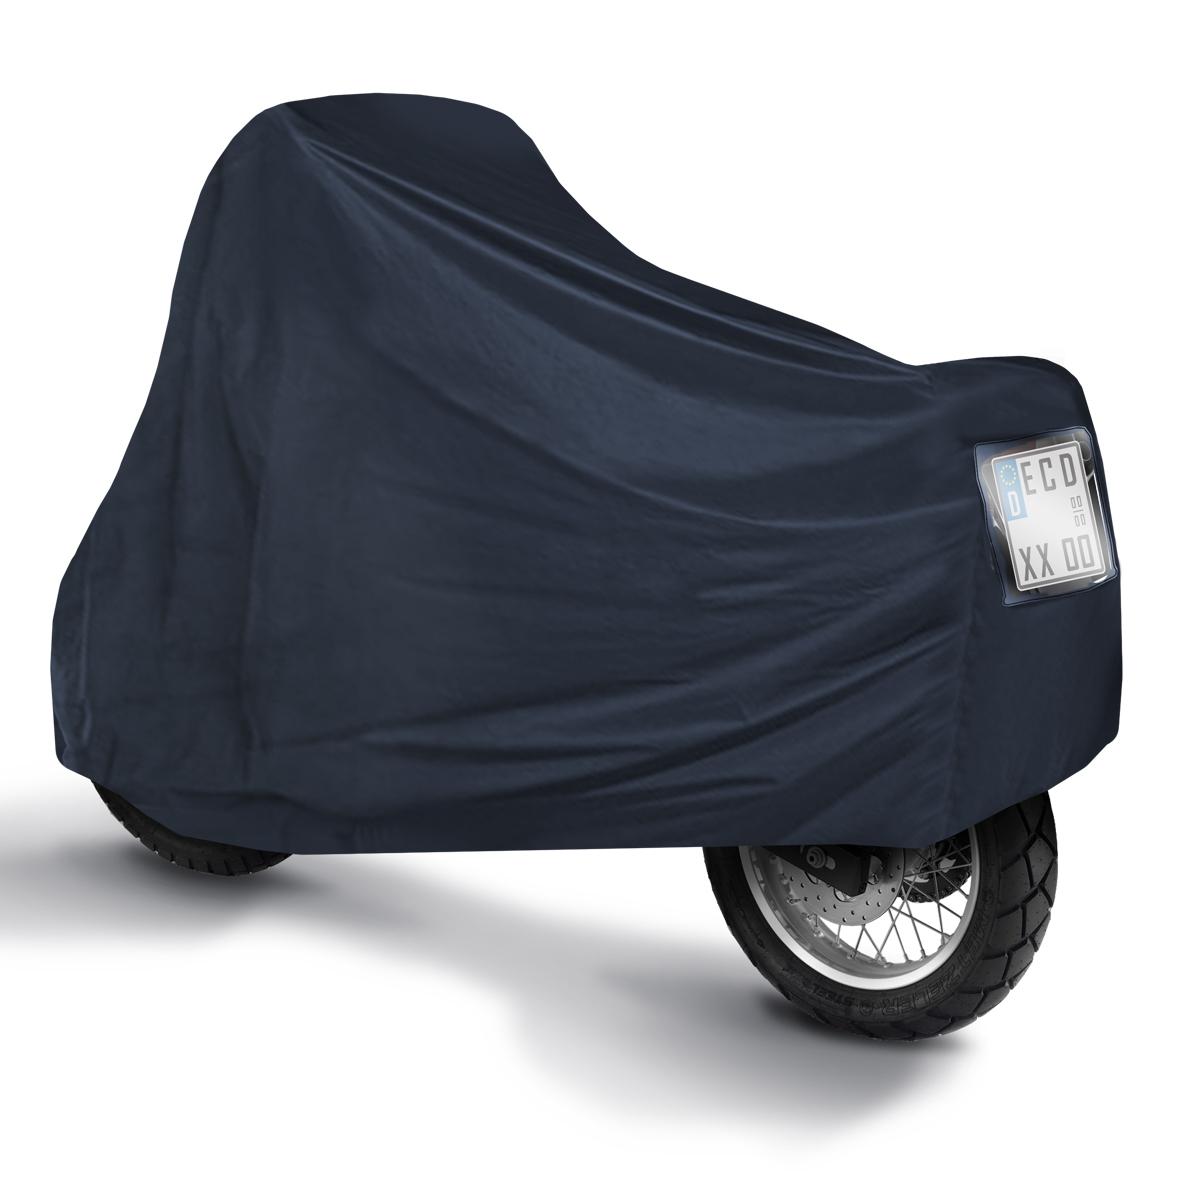 Mercedes CLC Coche Cubierta Transpirable UV proteger interior al aire libre